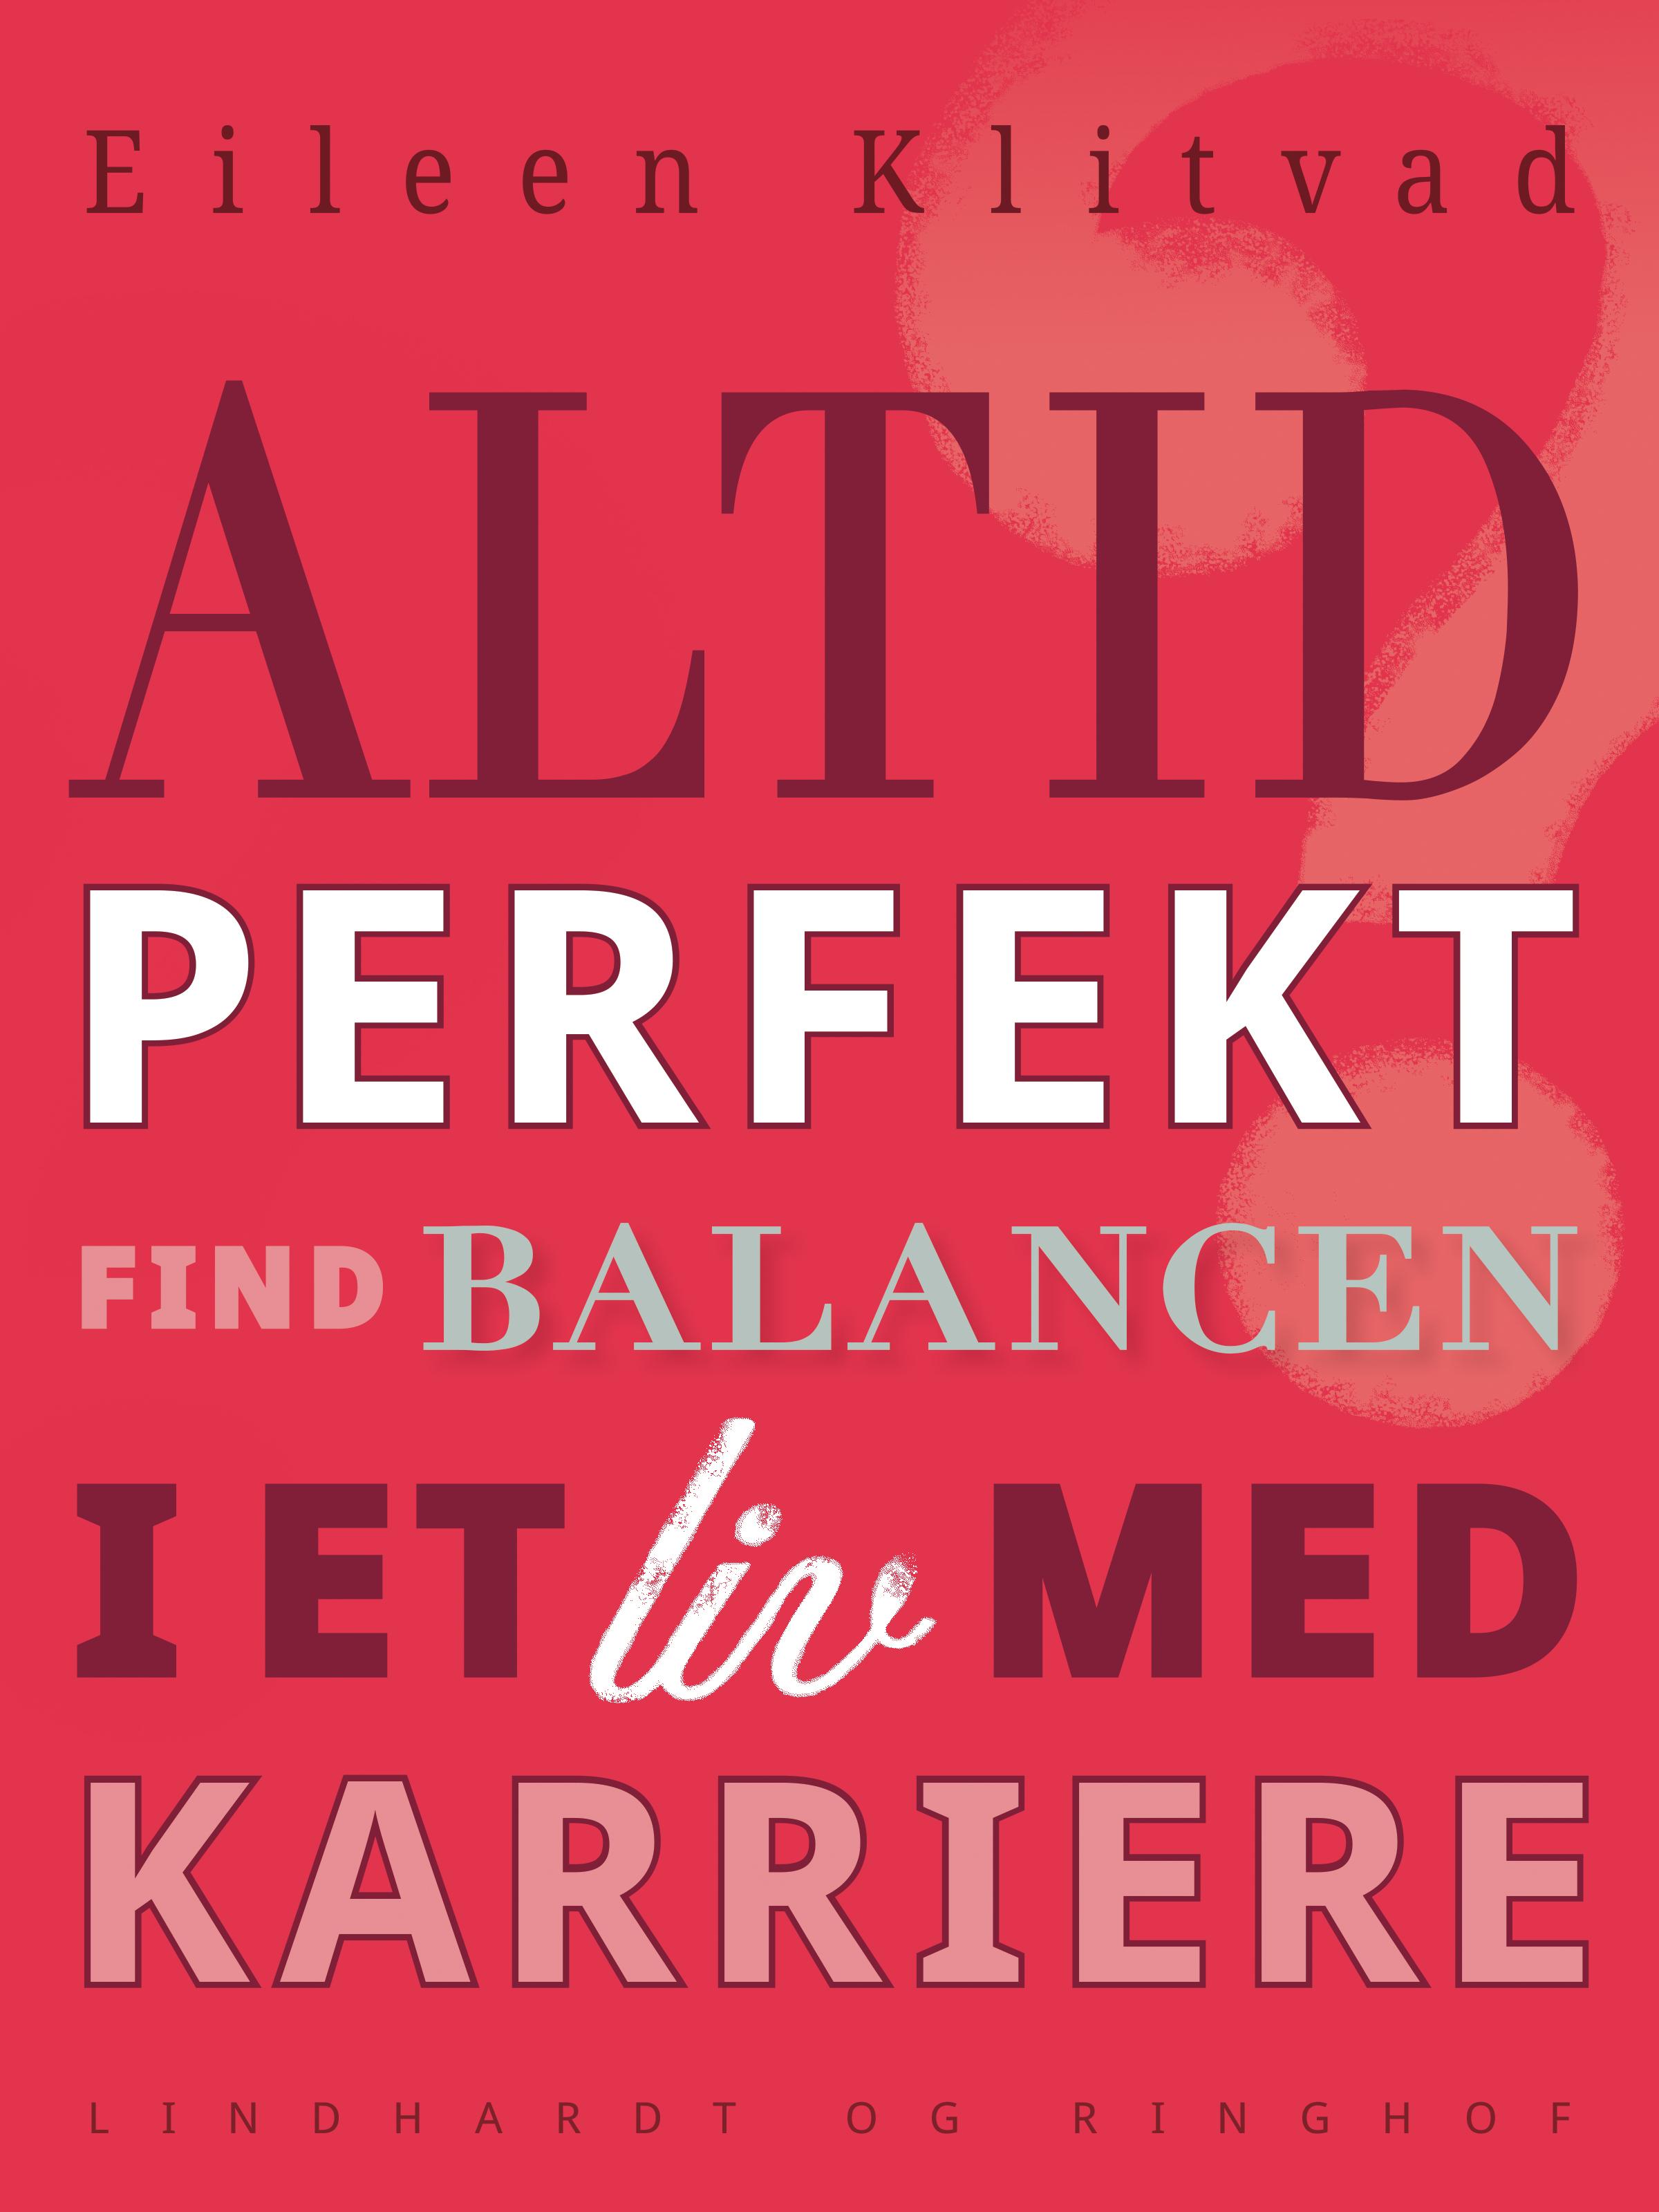 Altid perfekt? Find balancen i et liv med karriere - E-bog